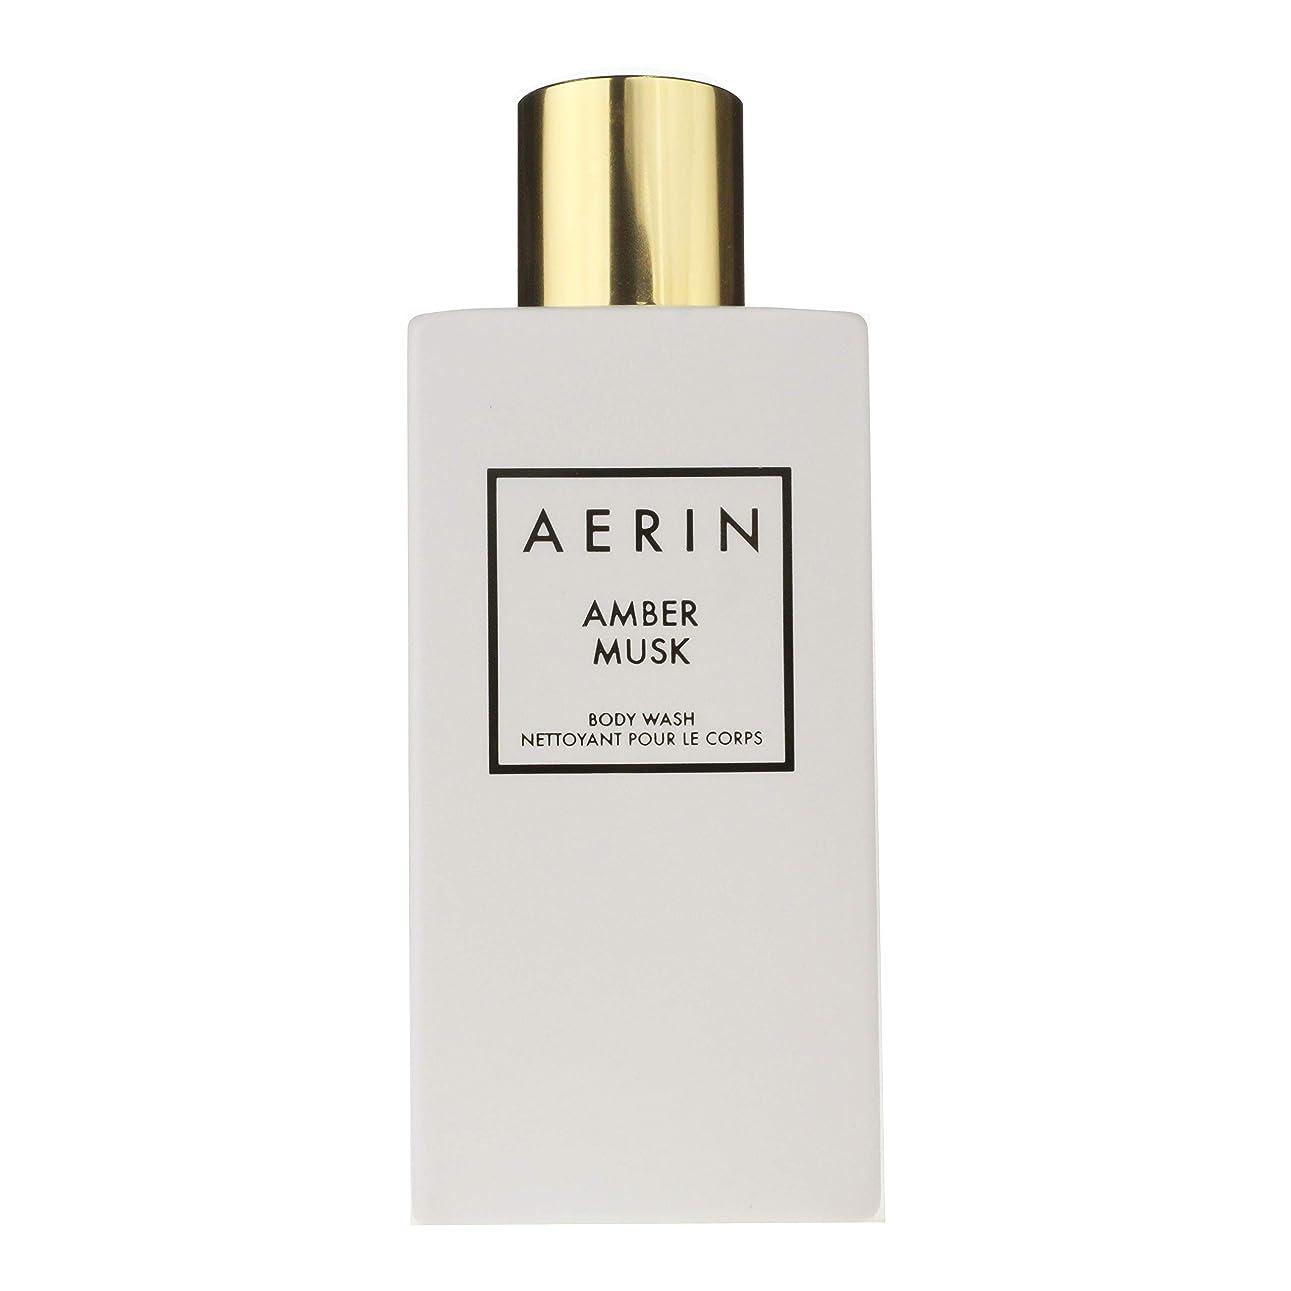 吐き出す難しい初心者AERIN 'Amber Musk' (アエリン アンバームスク) 7.6 oz (228ml) Body Wash ボディーウオッシュ by Estee Lauder